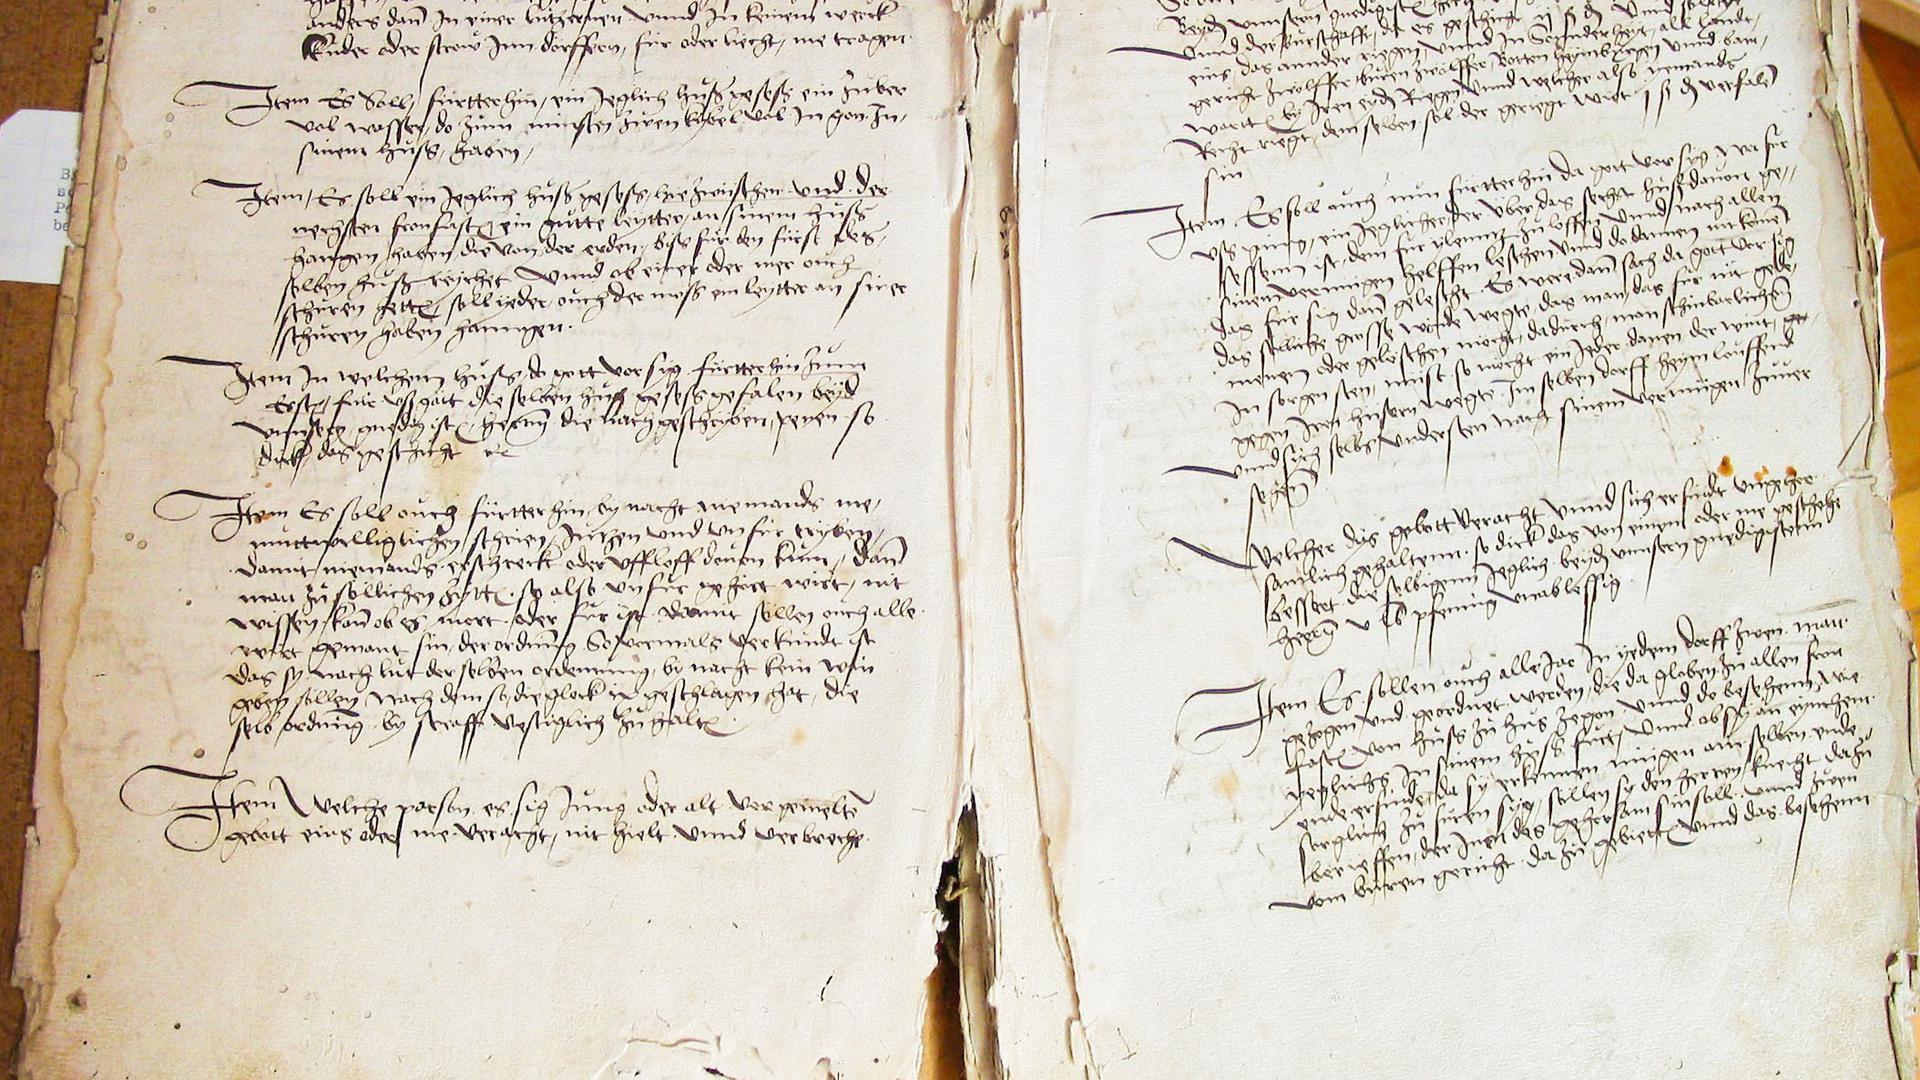 Dorfbuch Niederachern: Wertvolles Zeitzeugnis im Stadtarchiv aus dem Jahr 1492